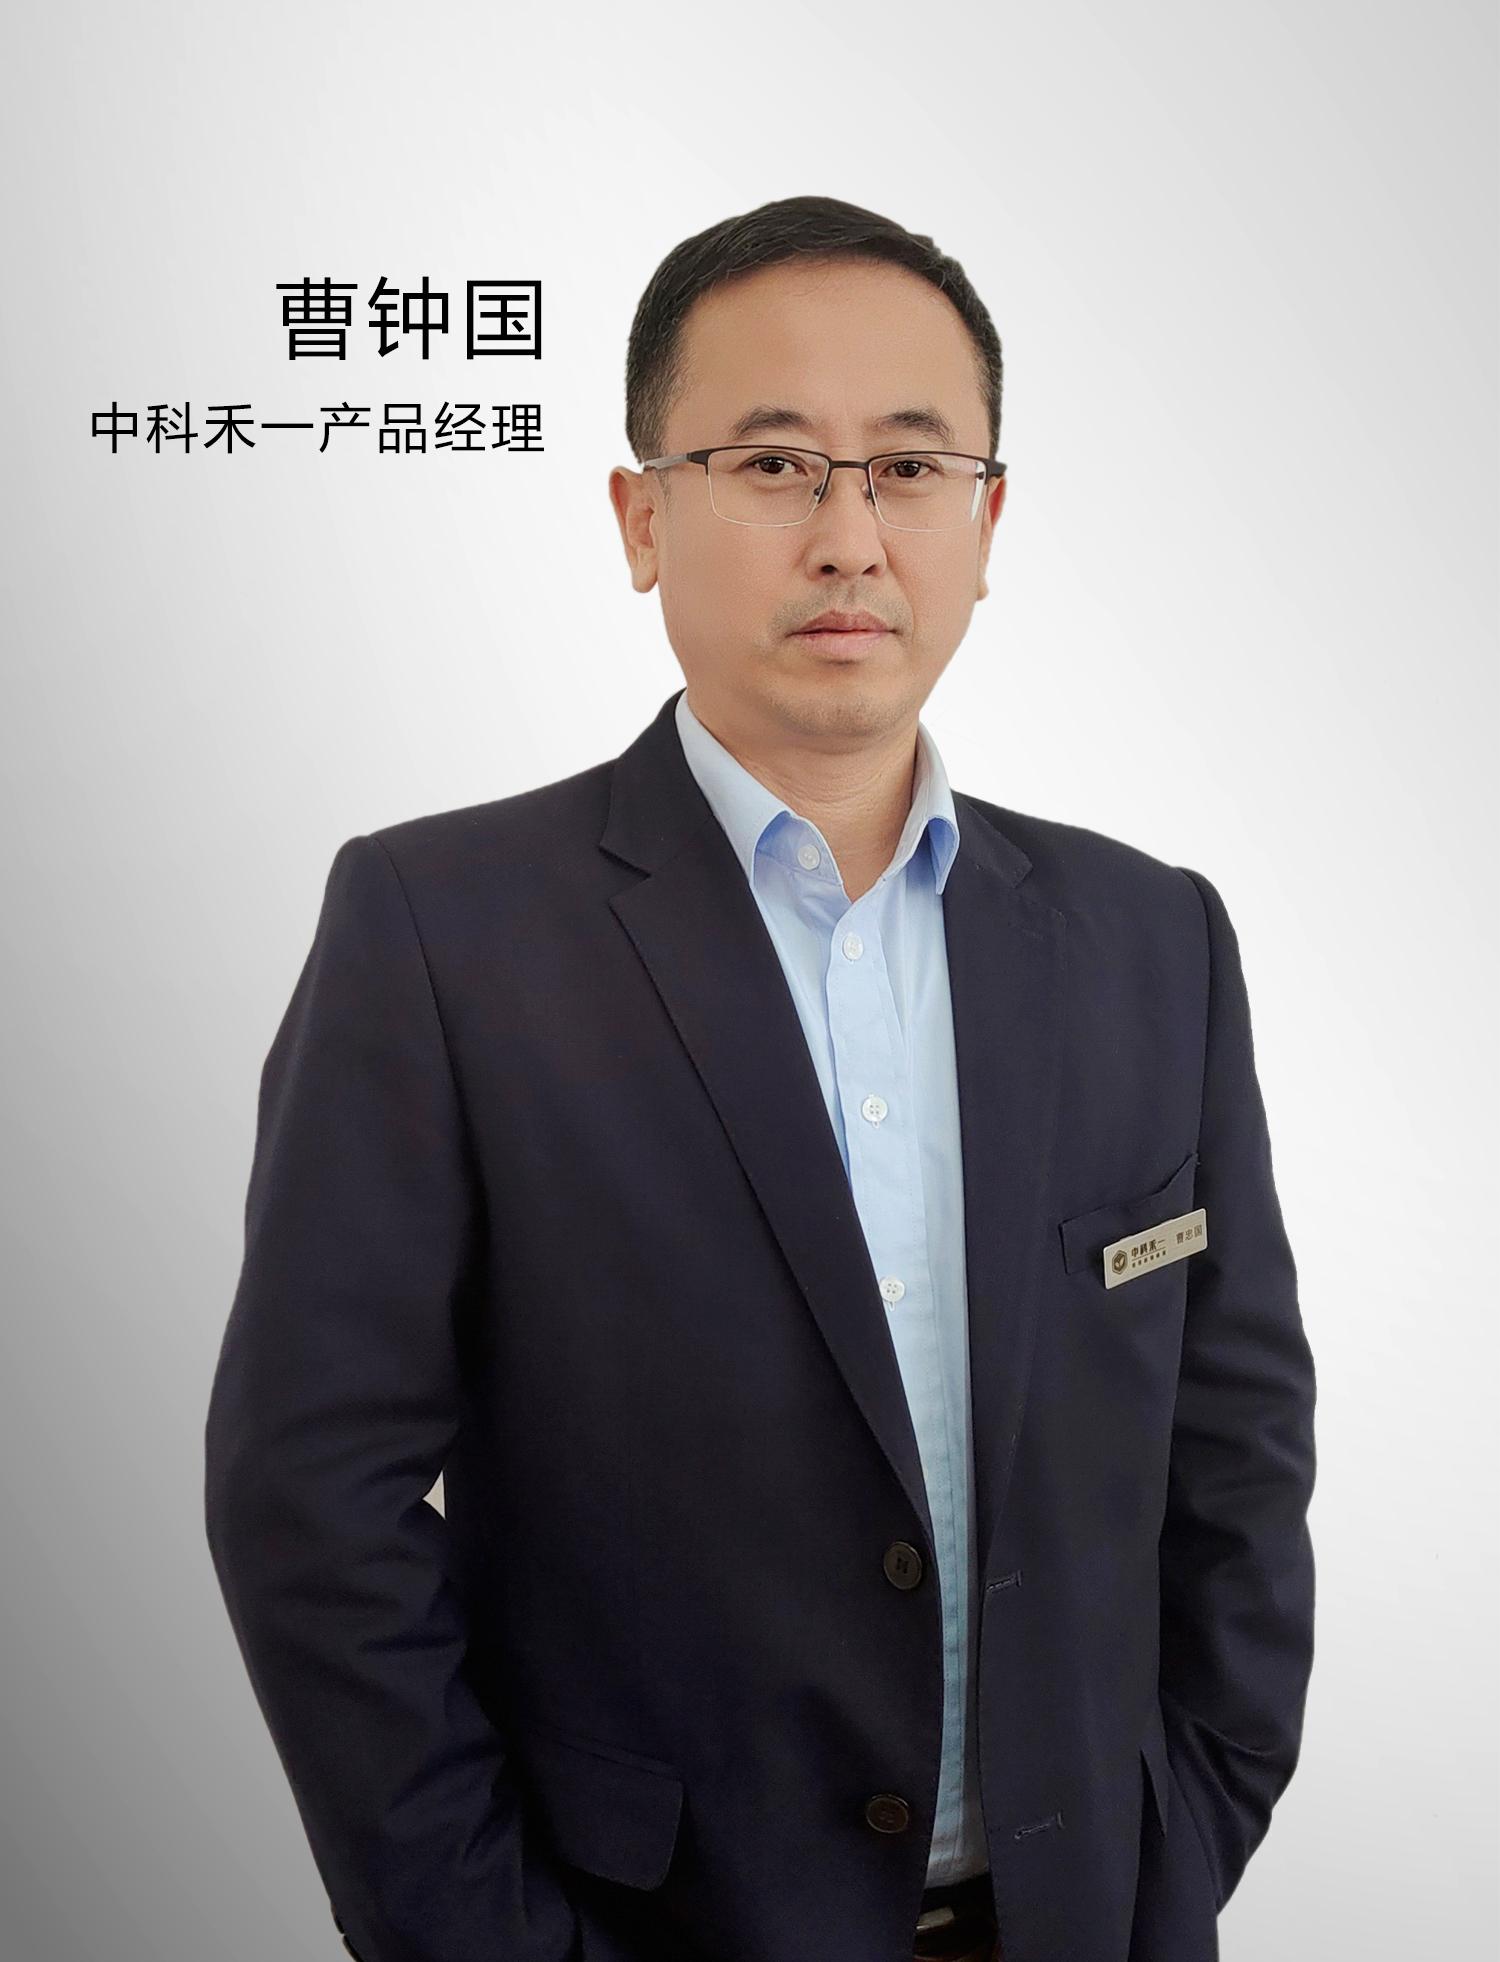 產品經理 曹鐘國